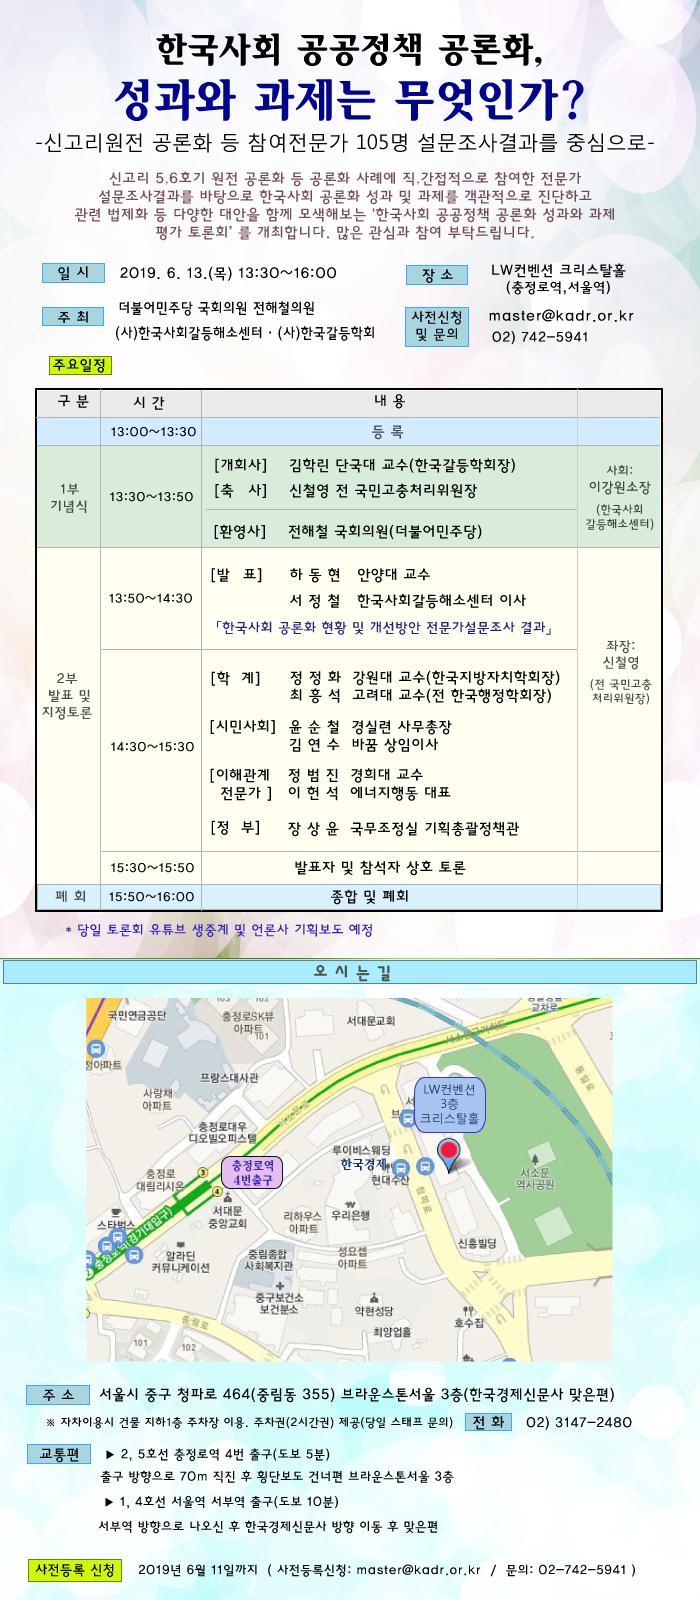 한국사회갈등해소센터_공론화 성과와과제 평가토론회(0613)_초청장.jpg